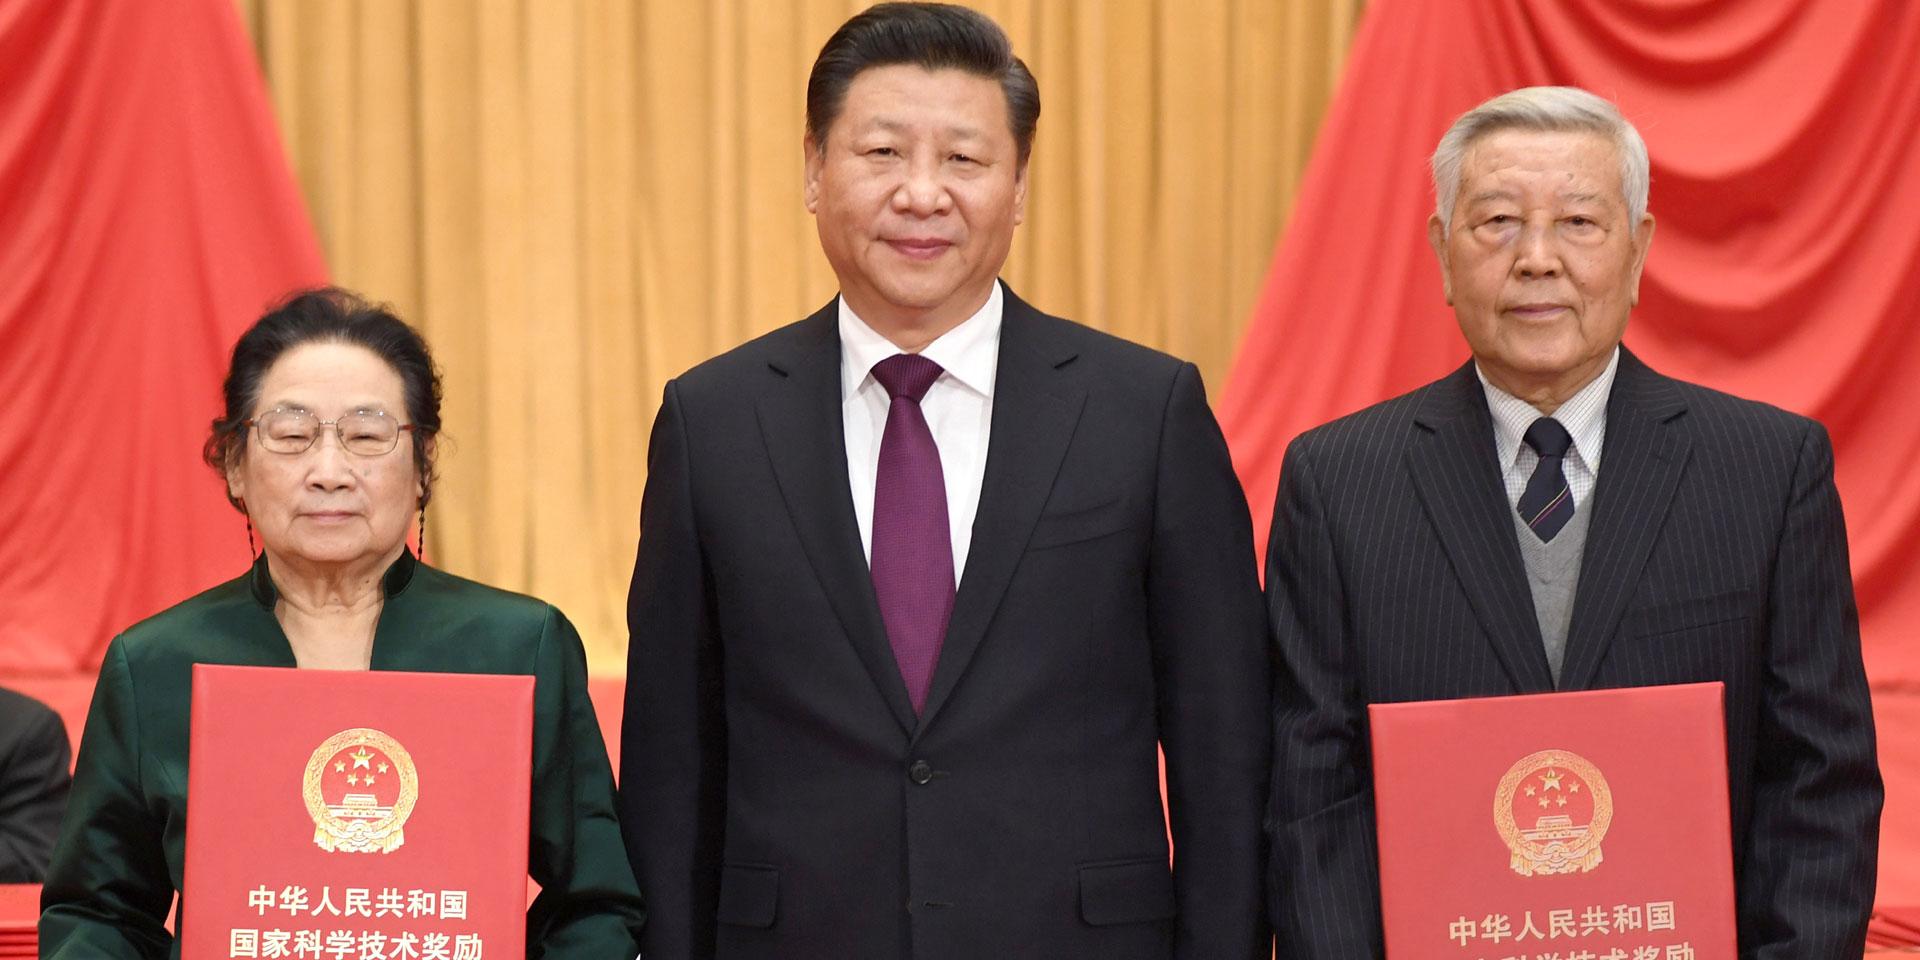 中國要強,中國人民生活要好,必須有強大科技。